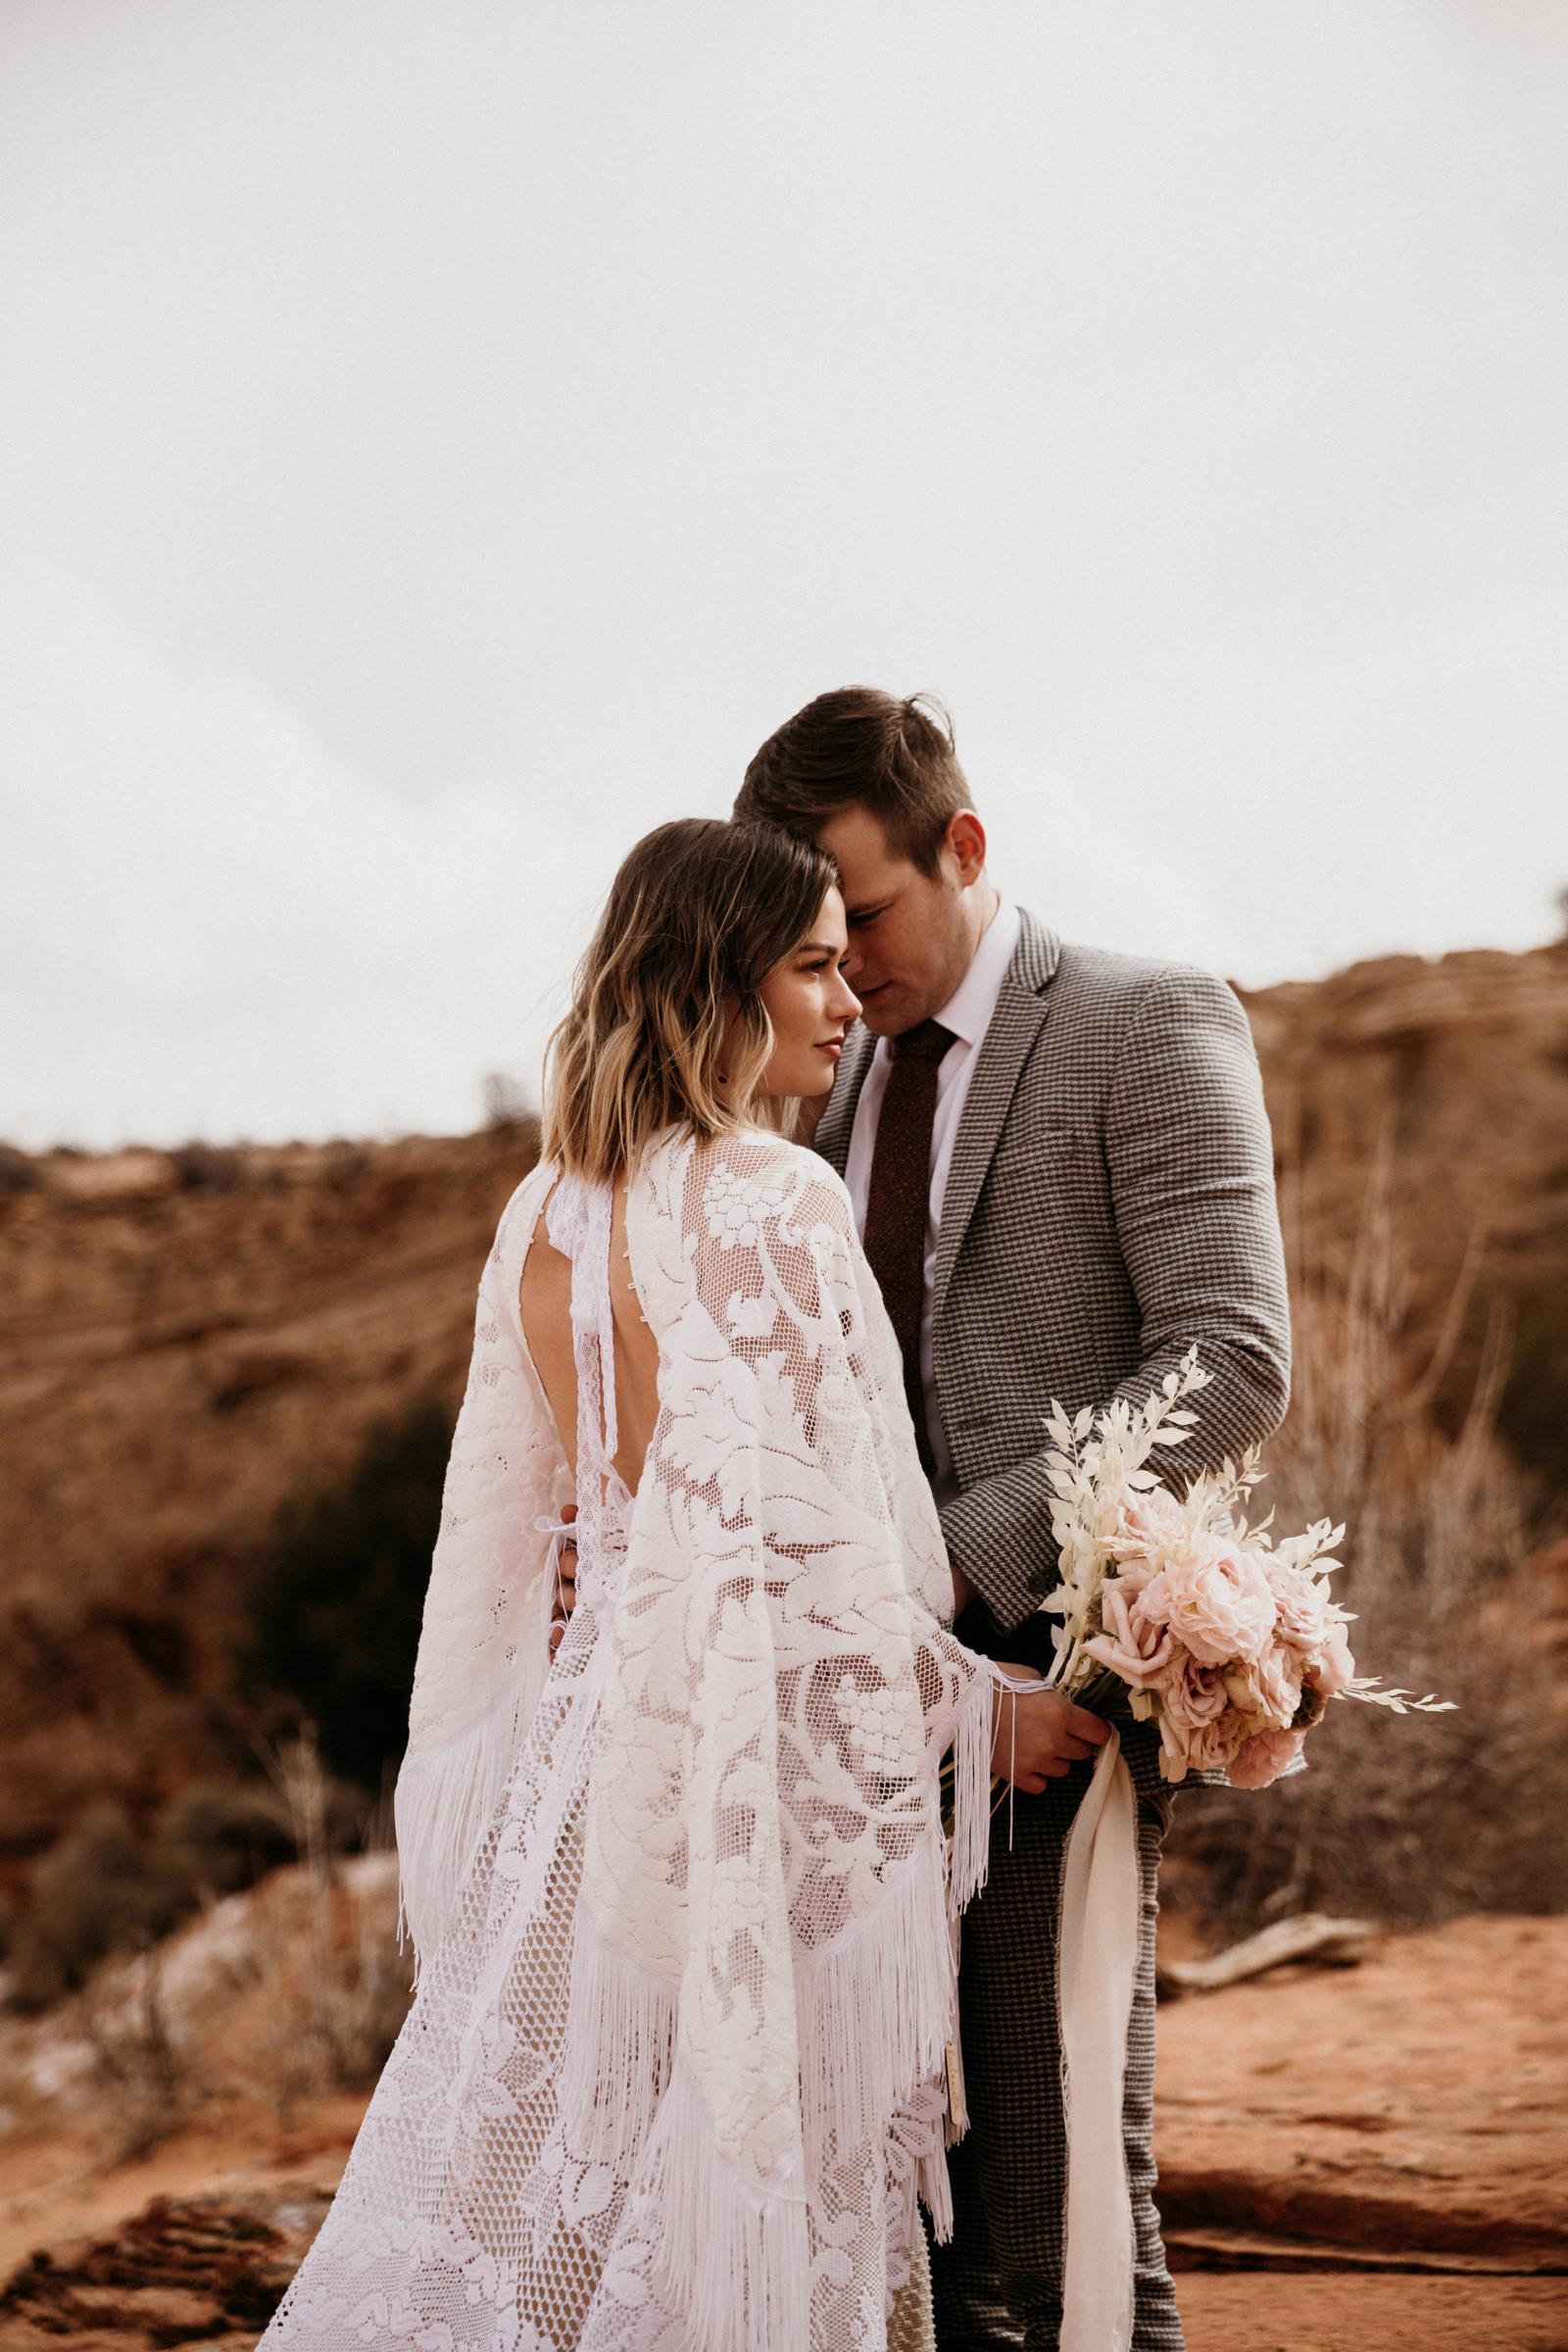 az-desert-elopement-wedding-photographer.jpg.jpg